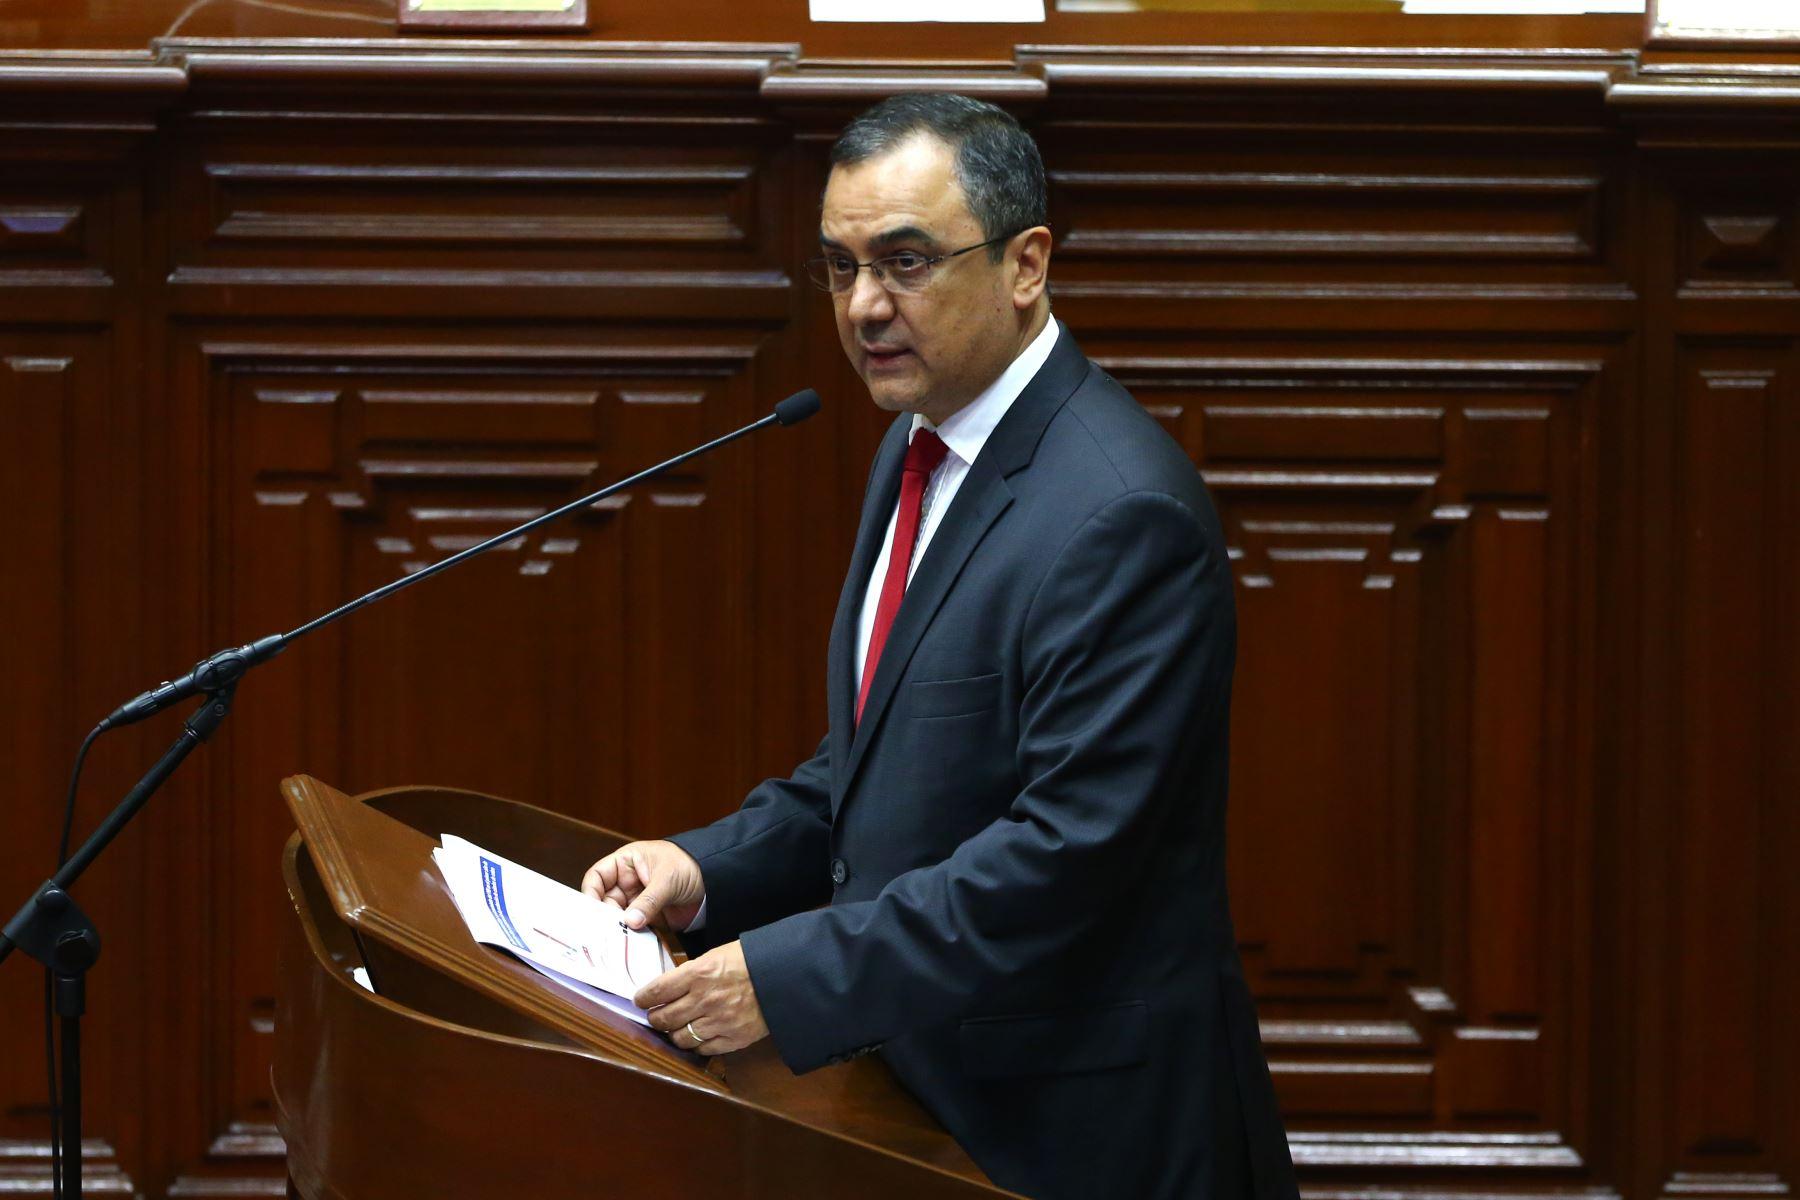 Ministro de Economía, Carlos Oliva,  responde ante la Representación Nacional sobre el caso del proyecto minero Tía María. Foto Andina/Vidal Tarqui